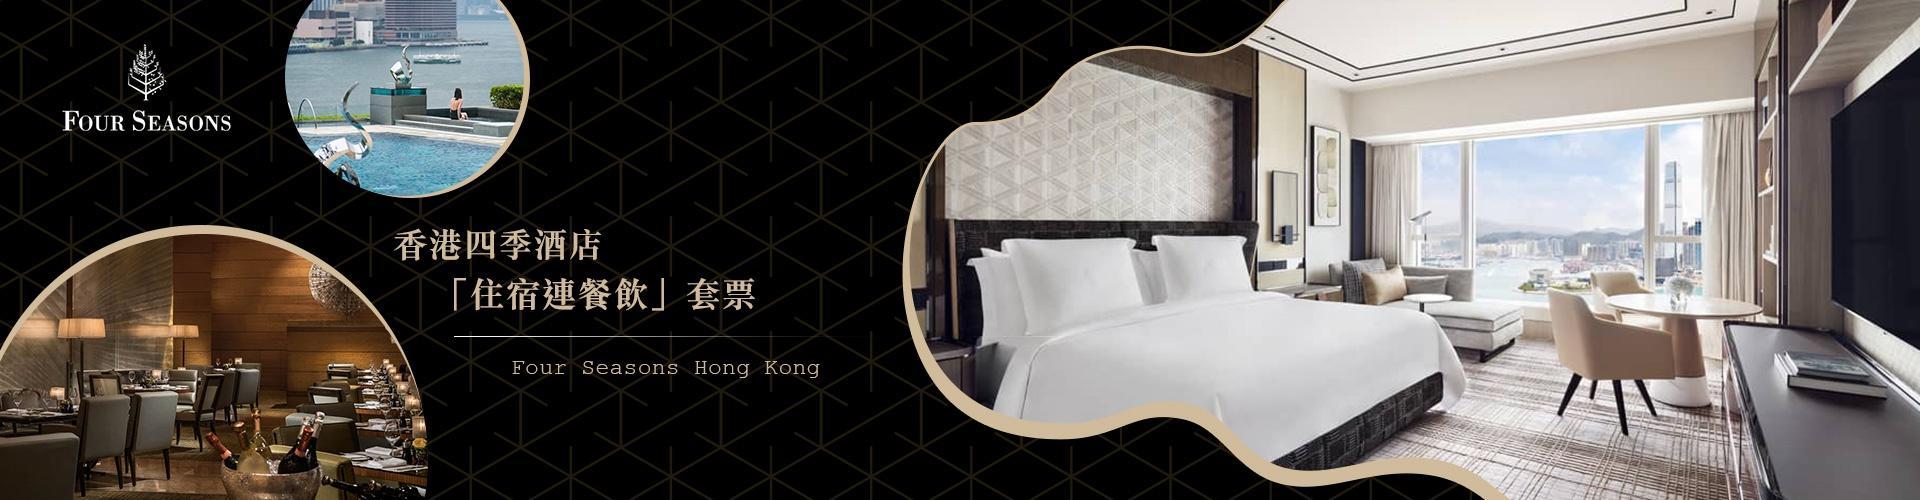 香港四季酒店「住宿連餐飲」套票